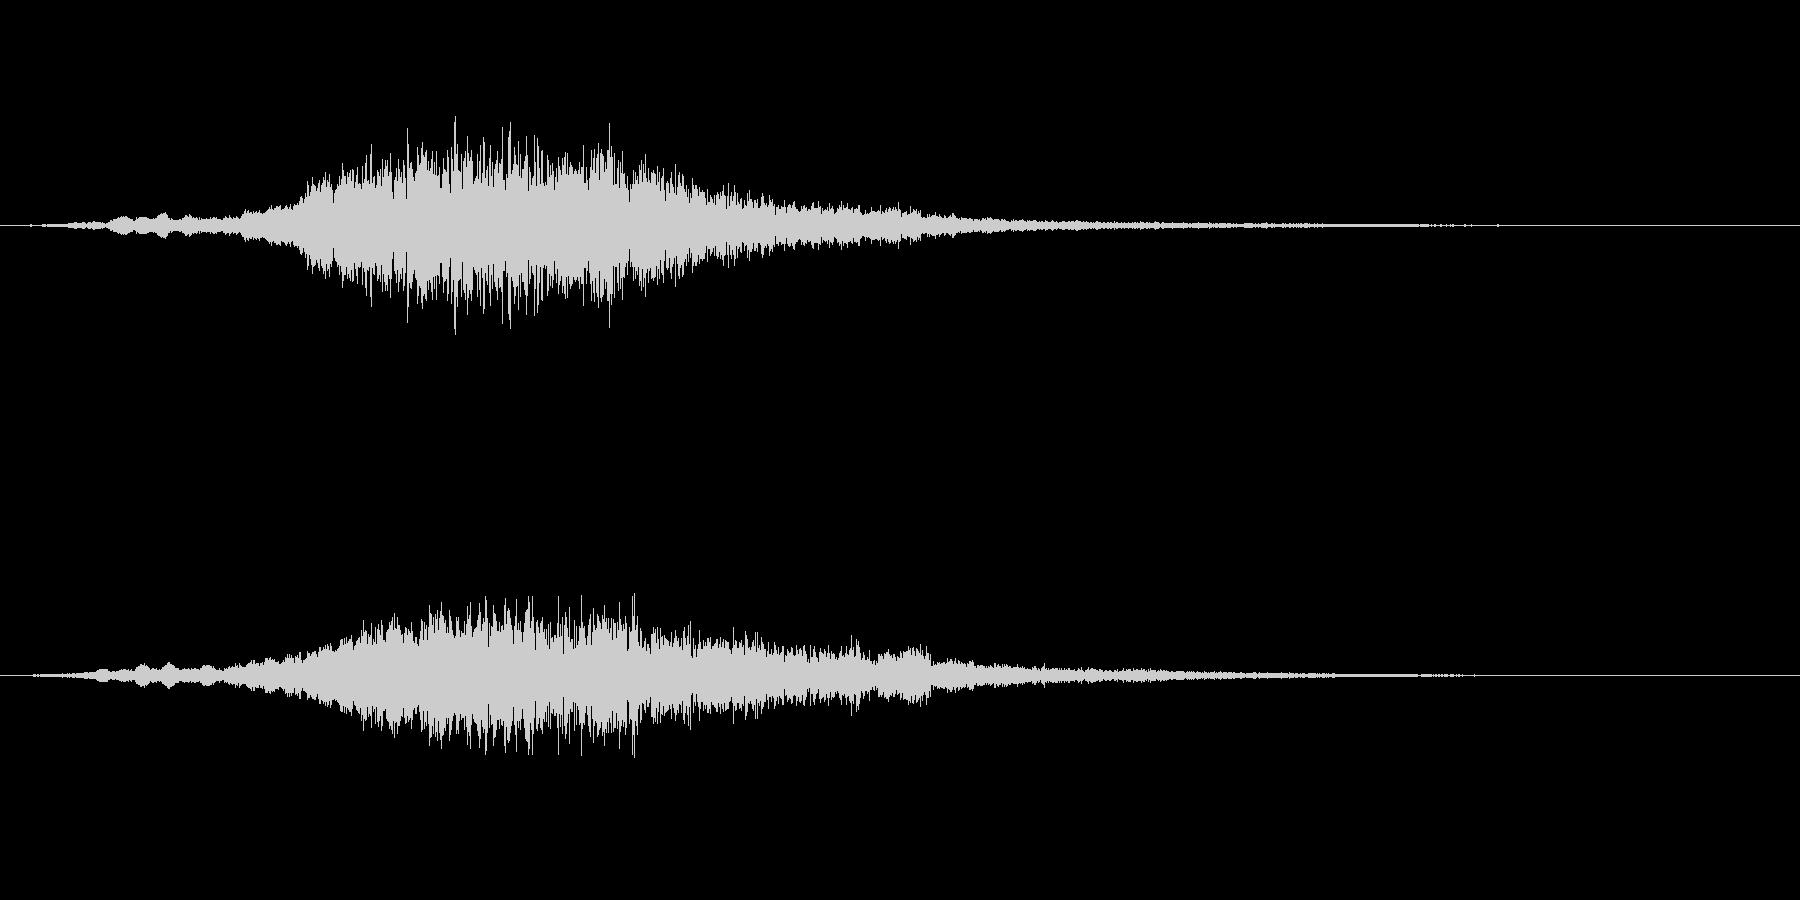 魔法の呪文、ワープの音の未再生の波形